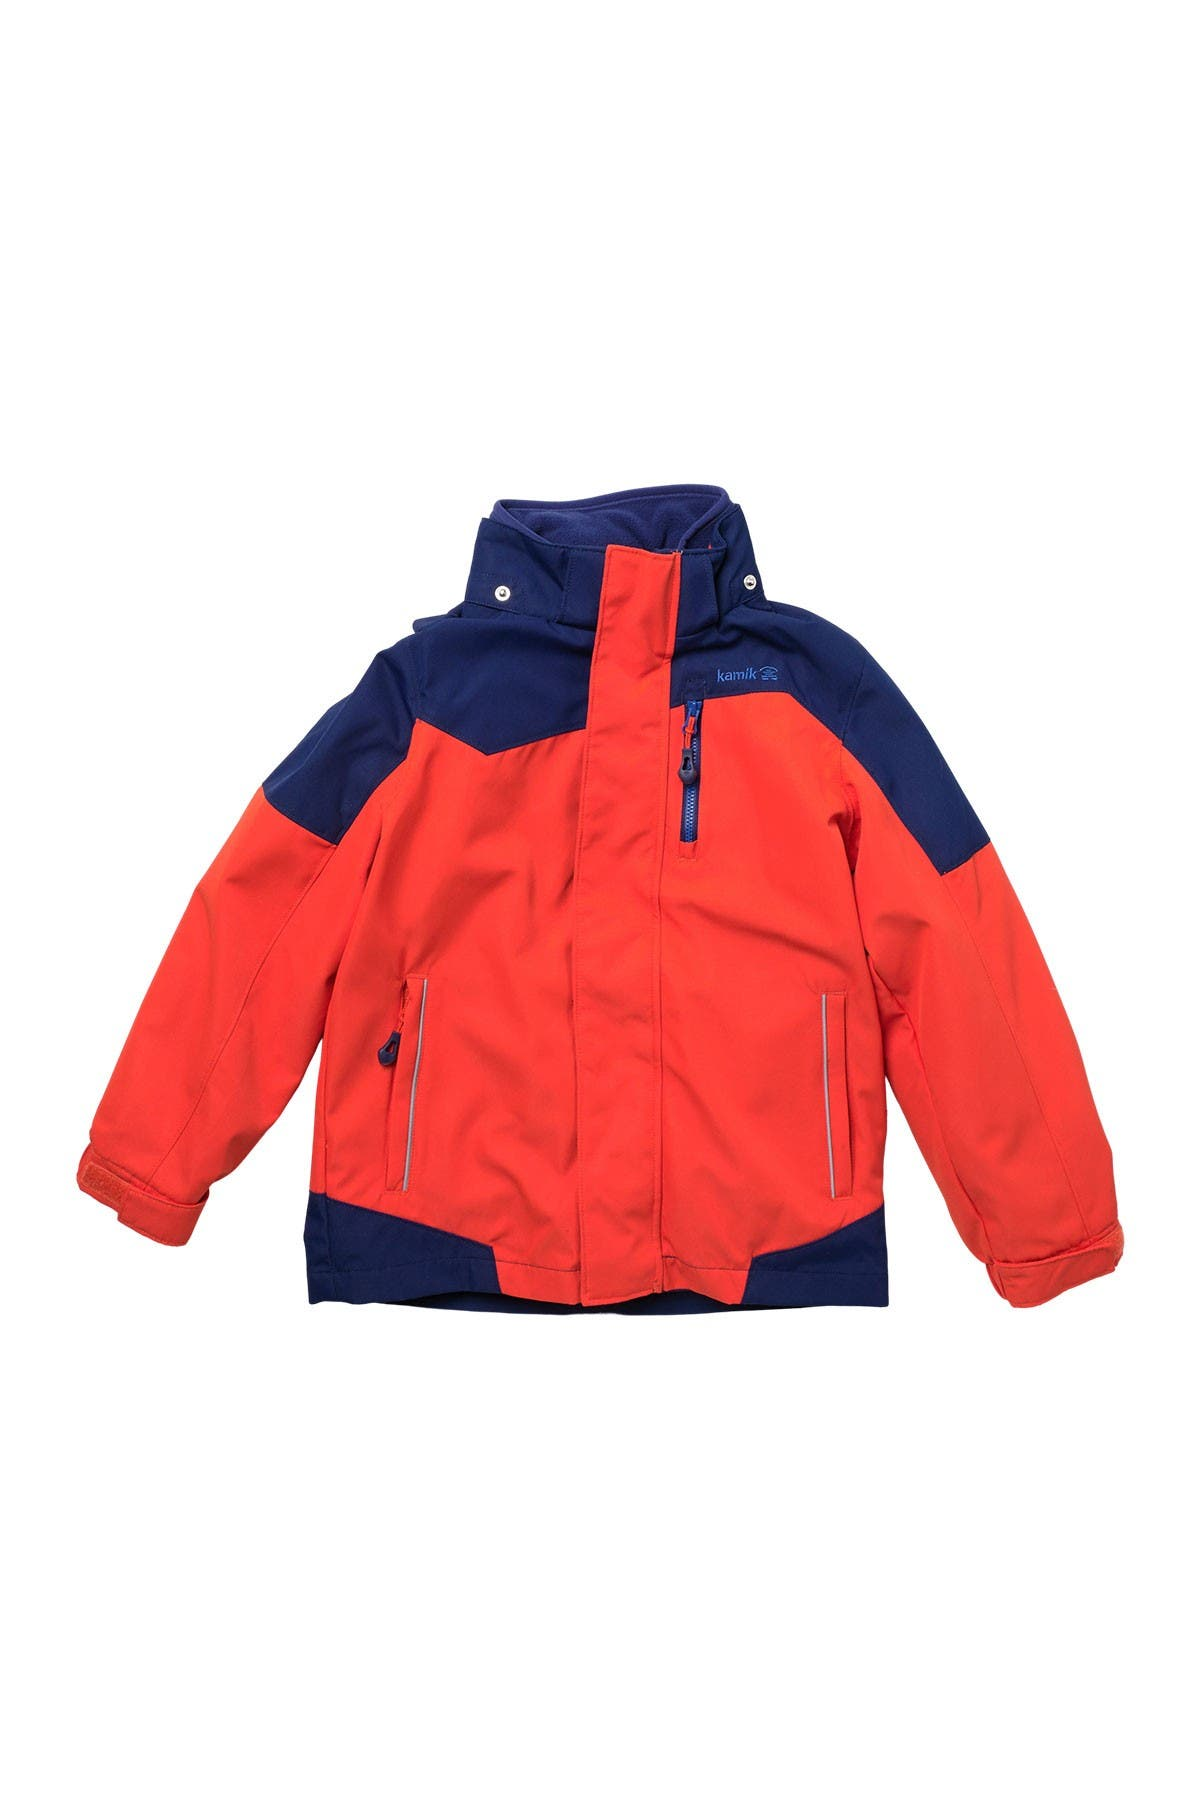 Kamik Dex Polar Jacket